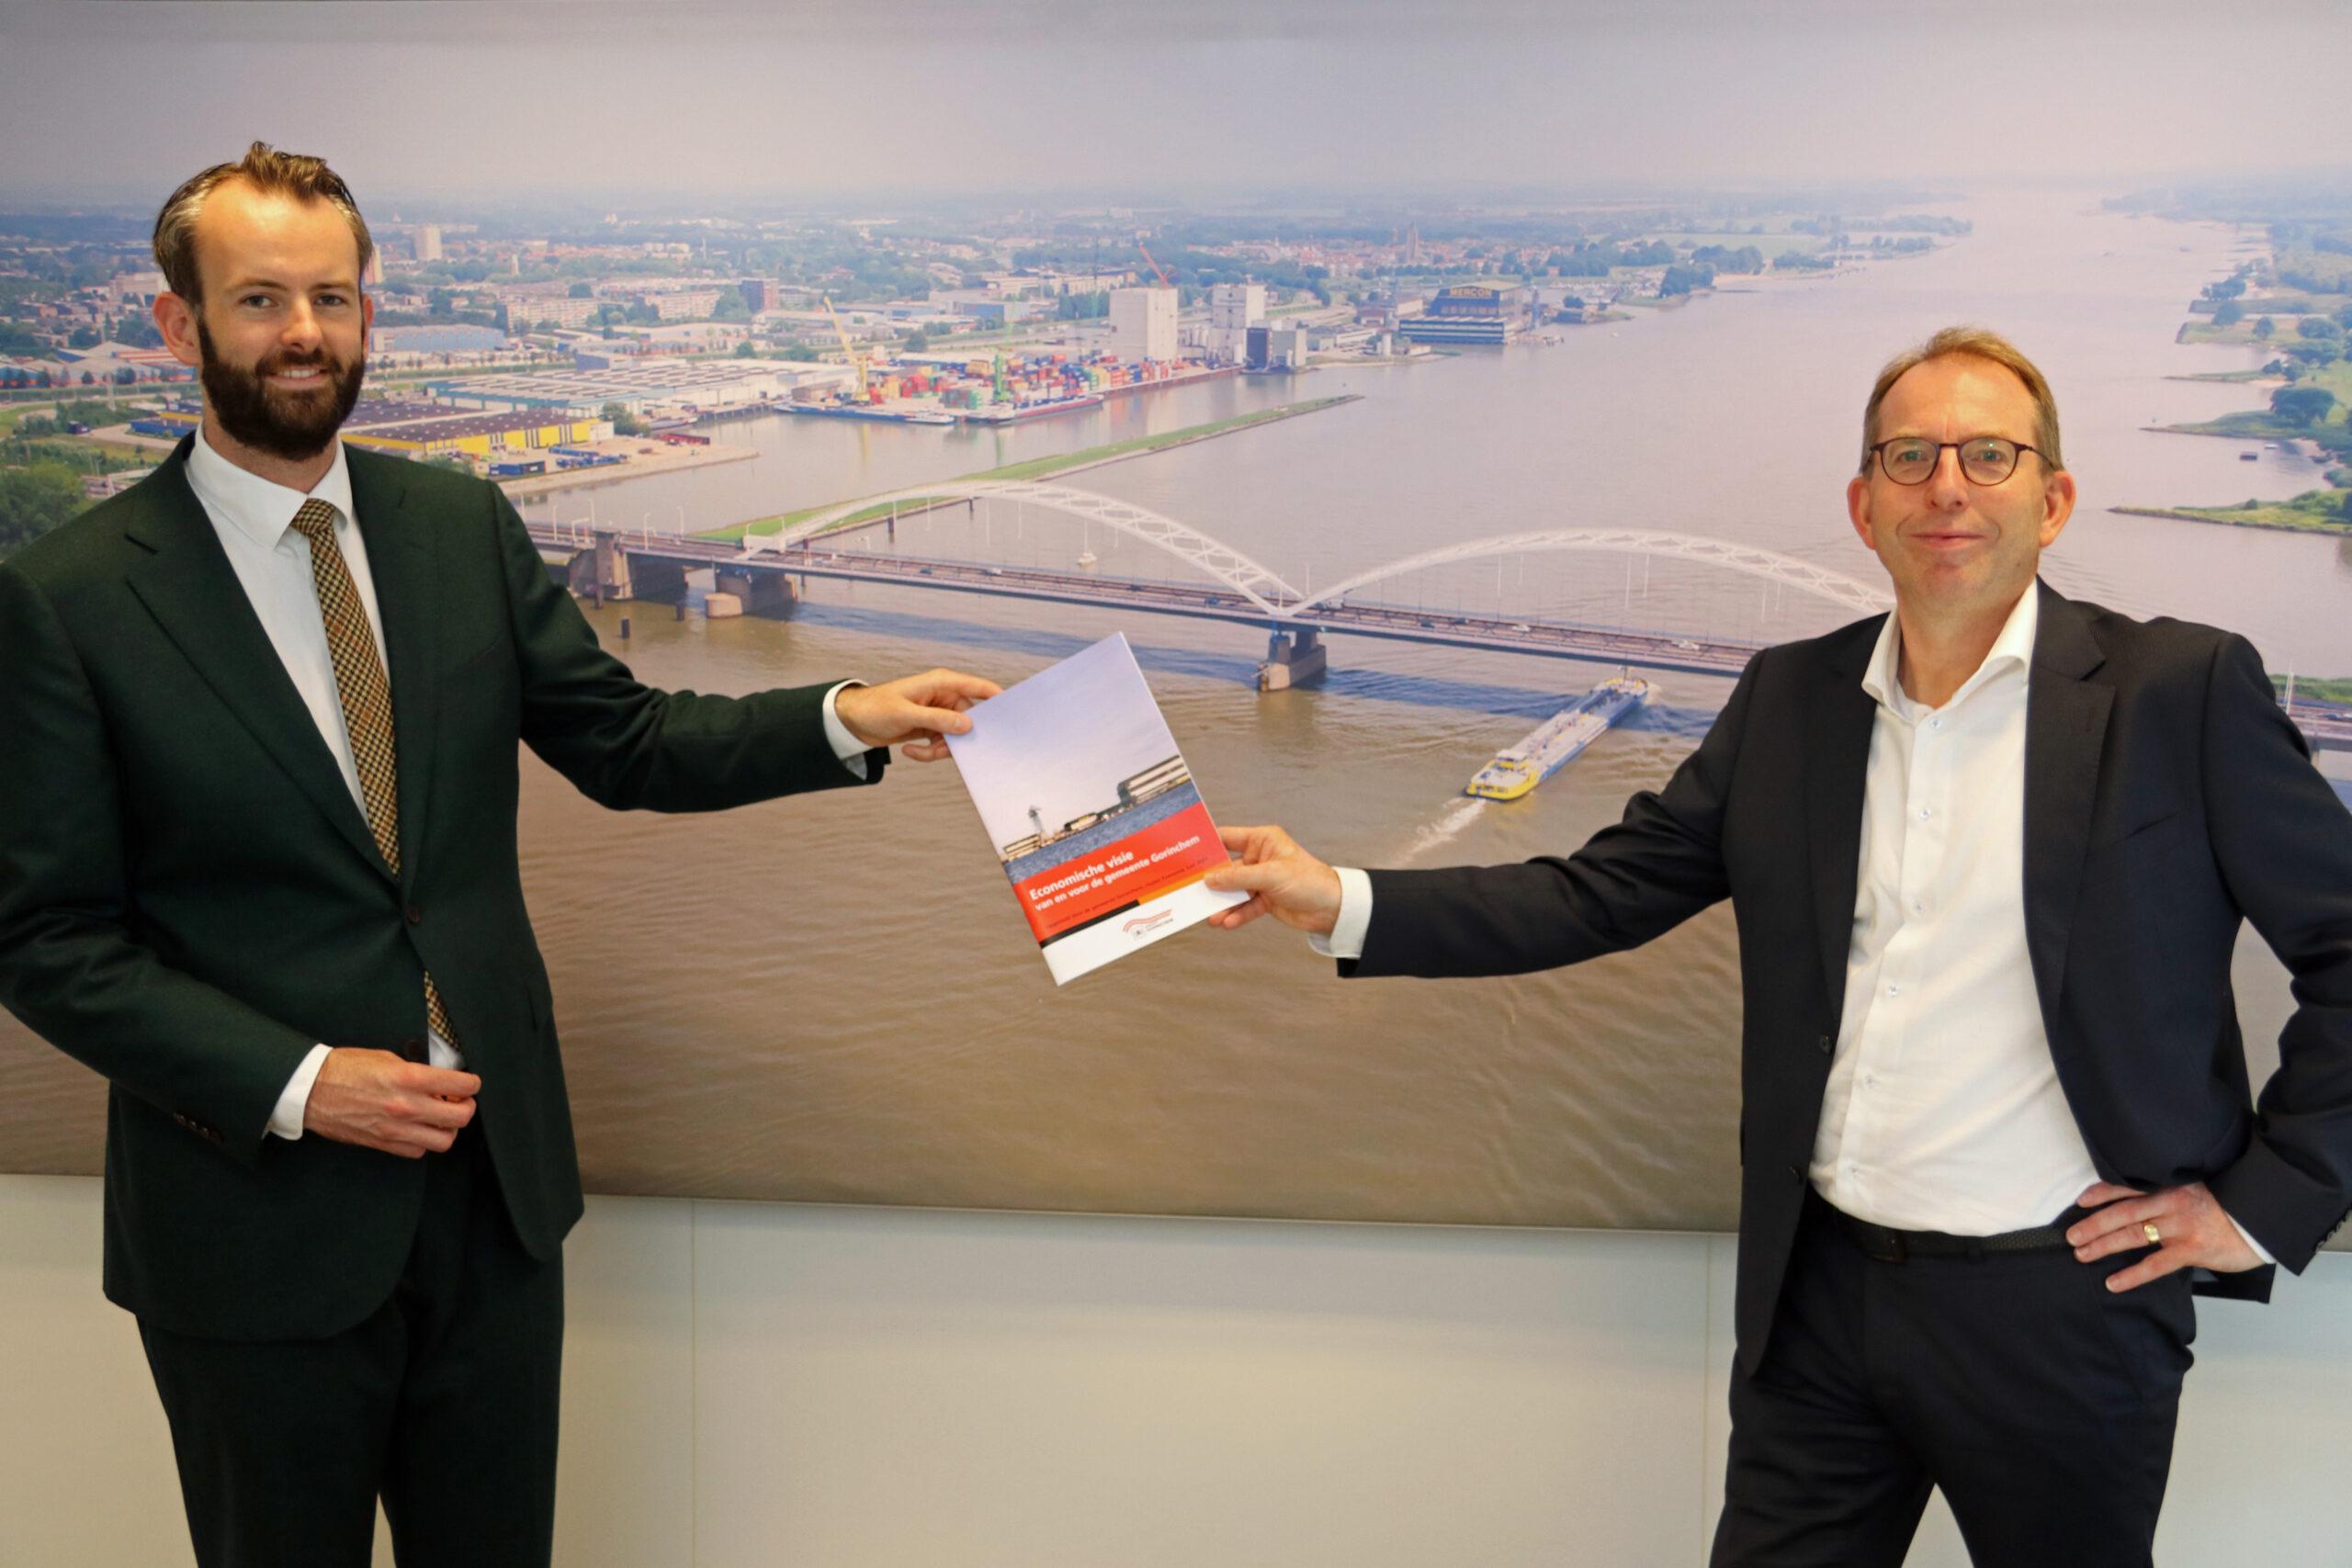 Economische visie: Gorinchem zet in op een robuuste, innovatieve en duurzame toekomst